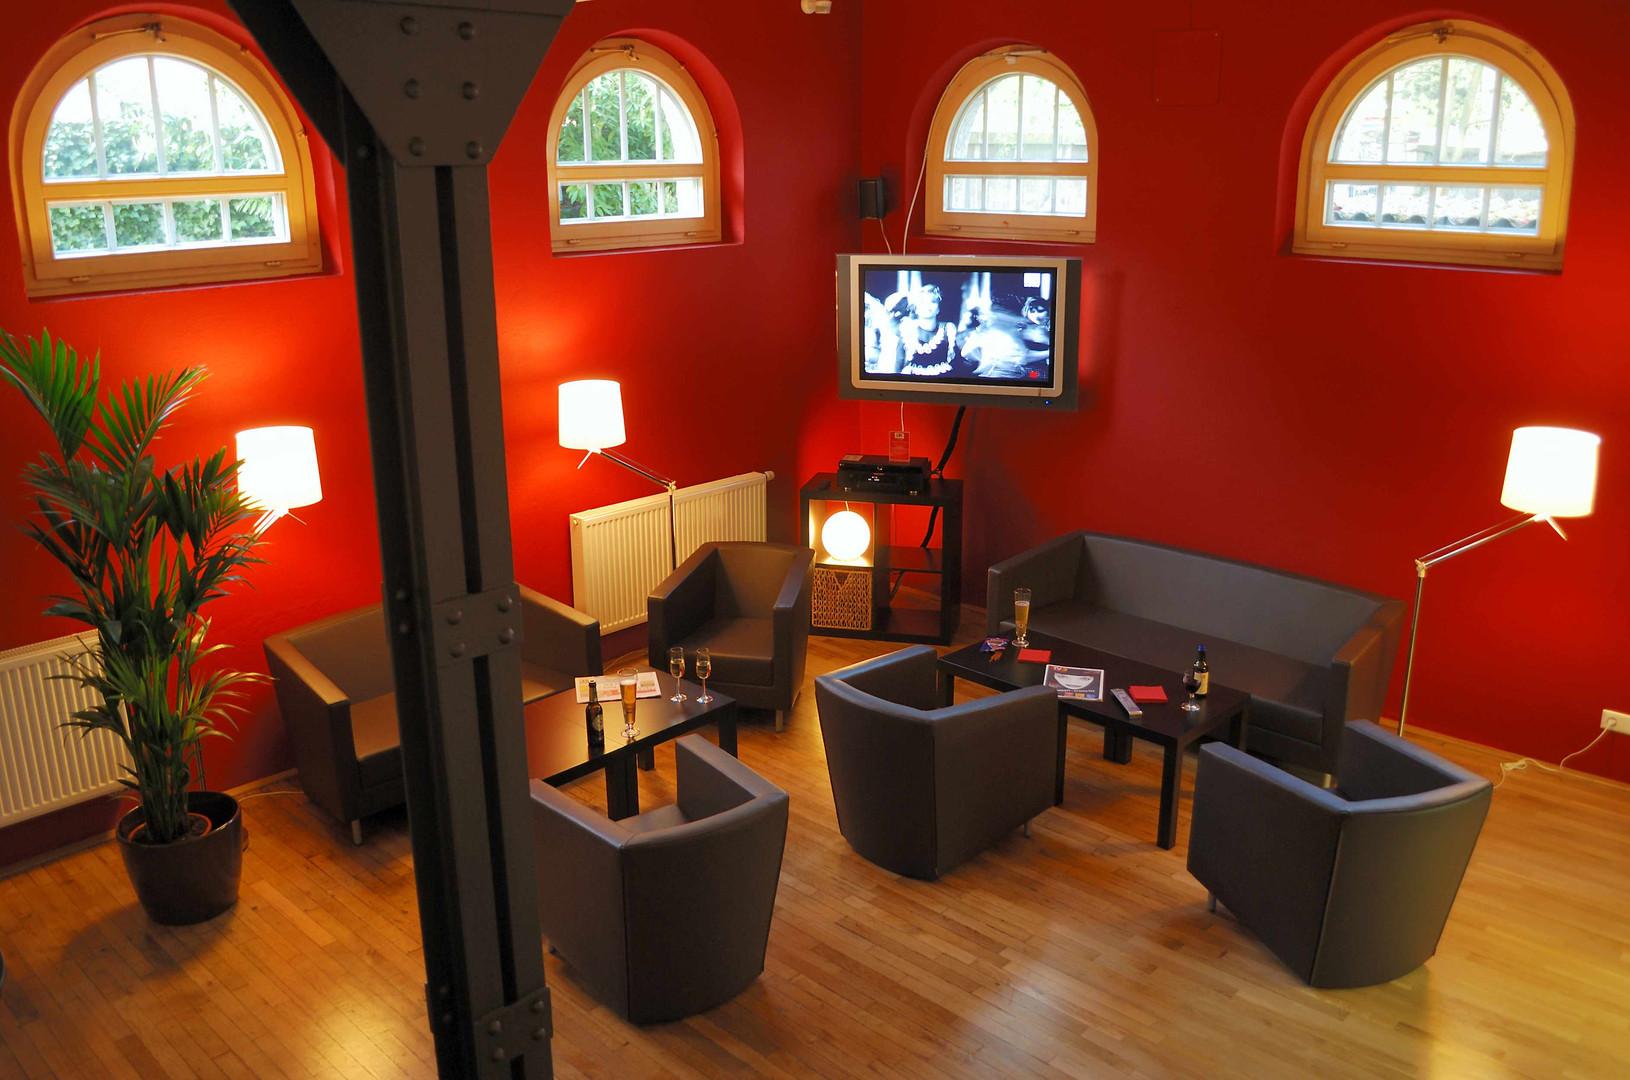 ABC Hotel Lounge